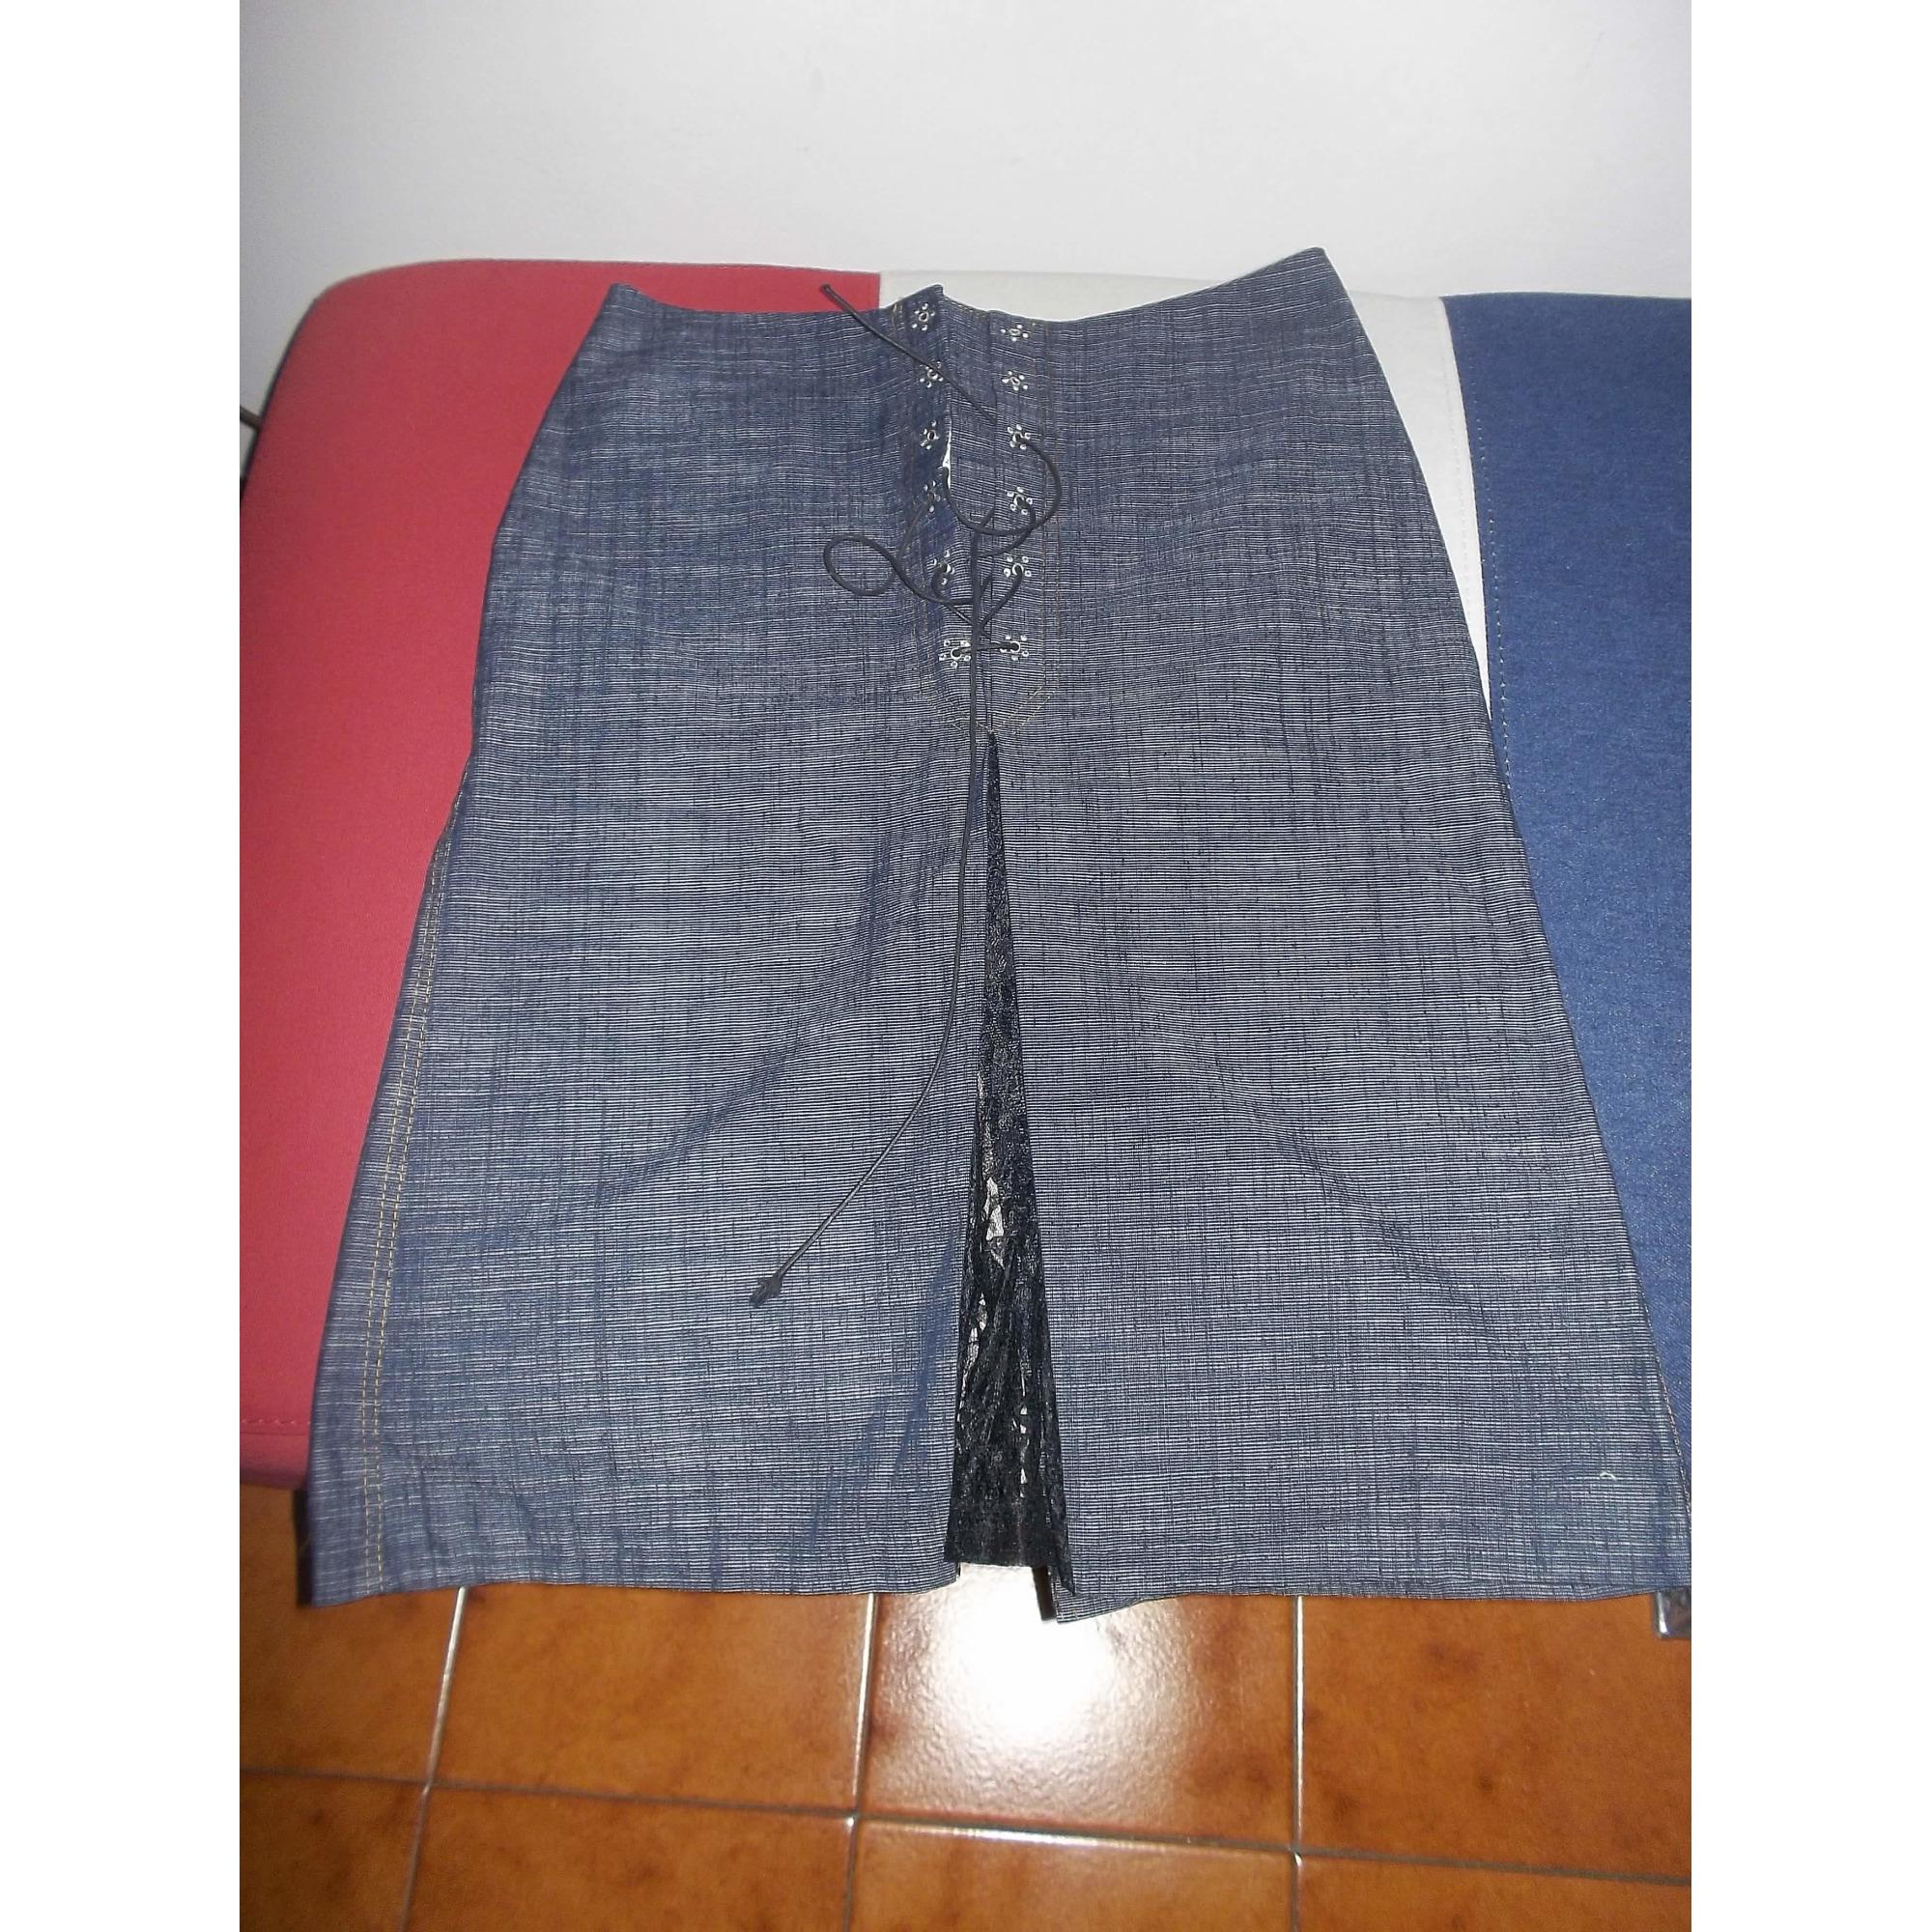 Jupe en jean NAF NAF Bleu, bleu marine, bleu turquoise